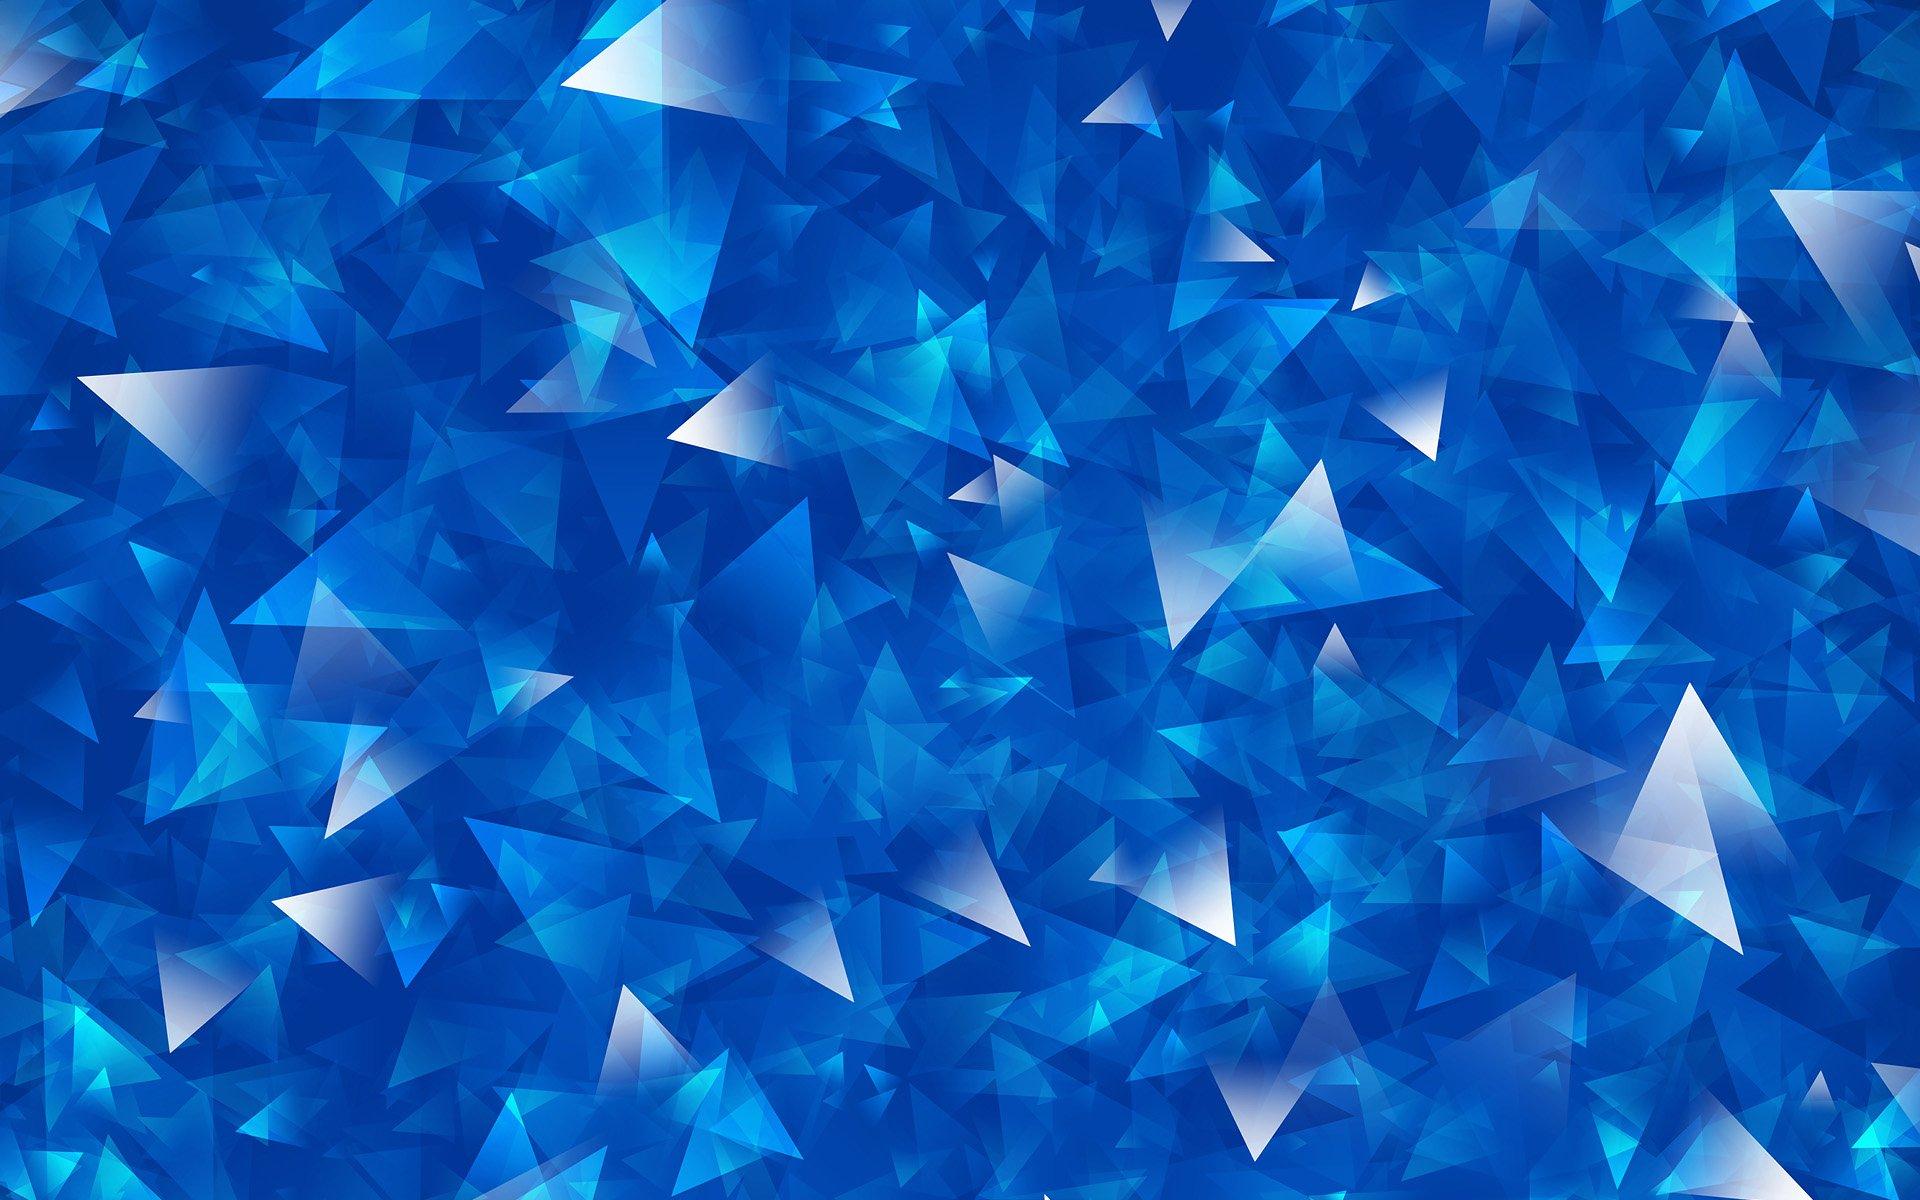 Cool Blue Wallpapers - WallpaperSafari